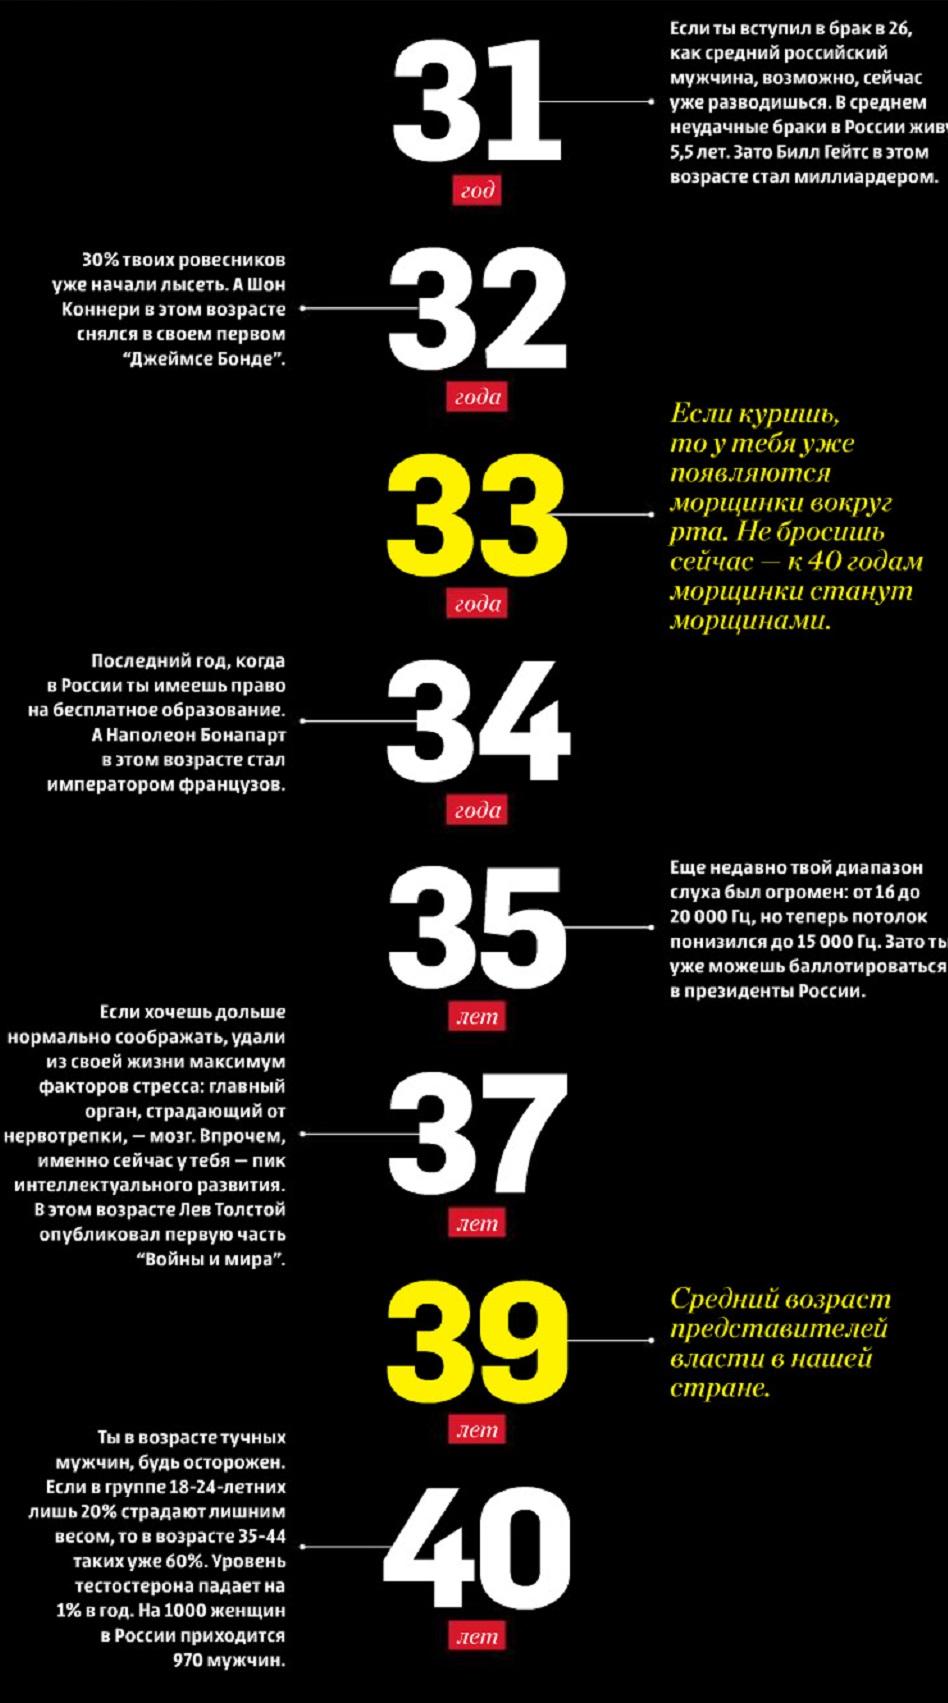 10 интересных фактов о теле 99729_4